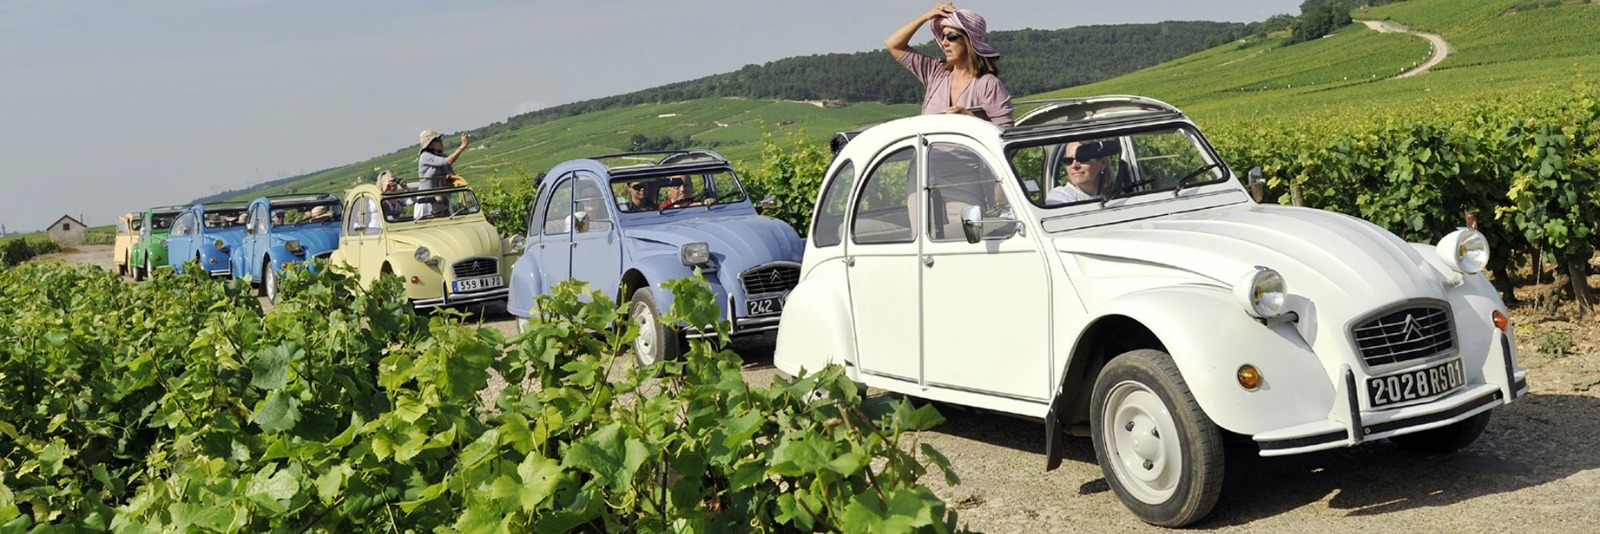 2CV Tours in Burgundy slide 1